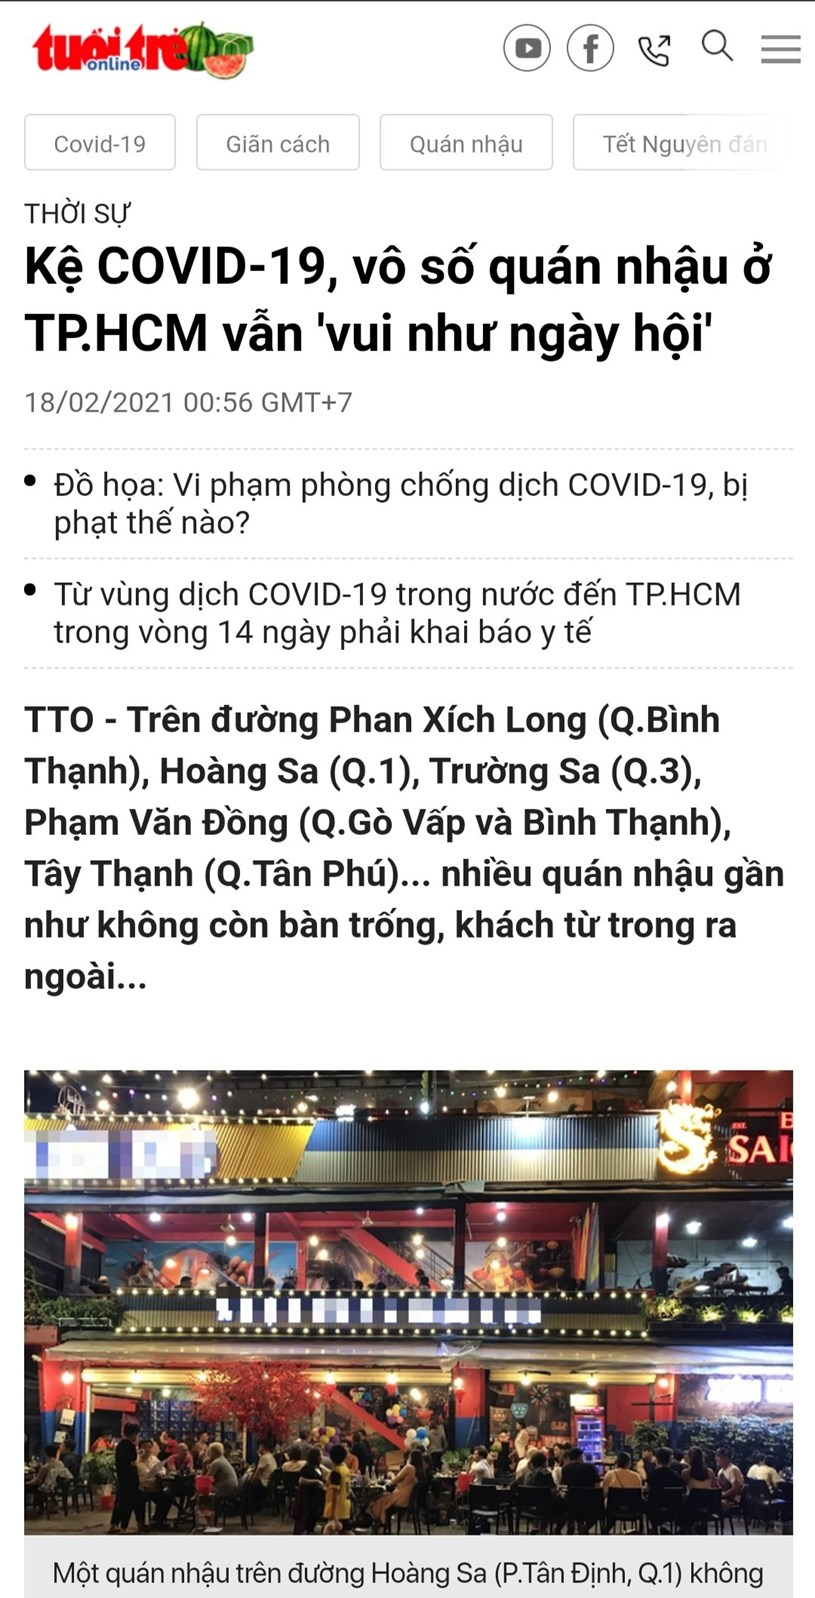 """Bài báo """"Kệ Covid-19, vô số quán nhậu ở TP.HCM vẫn vui như ngày hội """" trên Tuoitre.vn. Ảnh chụp màn hình"""